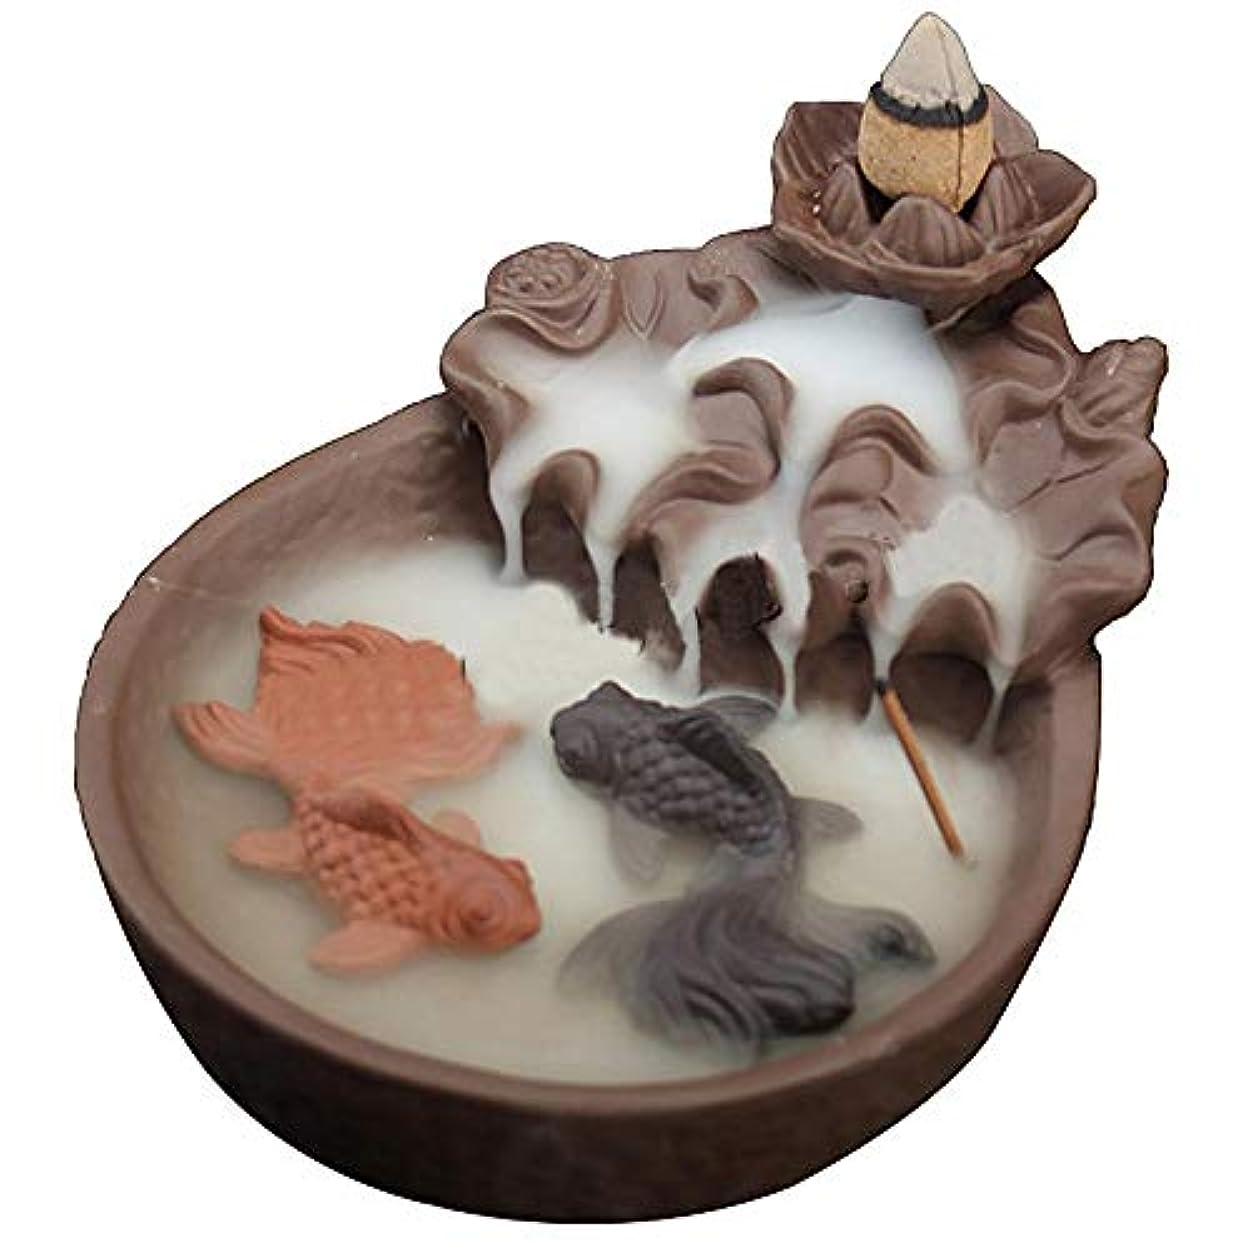 連想委任する落ち着くLEAFIS セラミック製 魚の逆流香炉 お香 コーン型お香 スティックホルダー ヨガルーム ホームデコレーション 手芸ギフトに最適 コーン10個付き